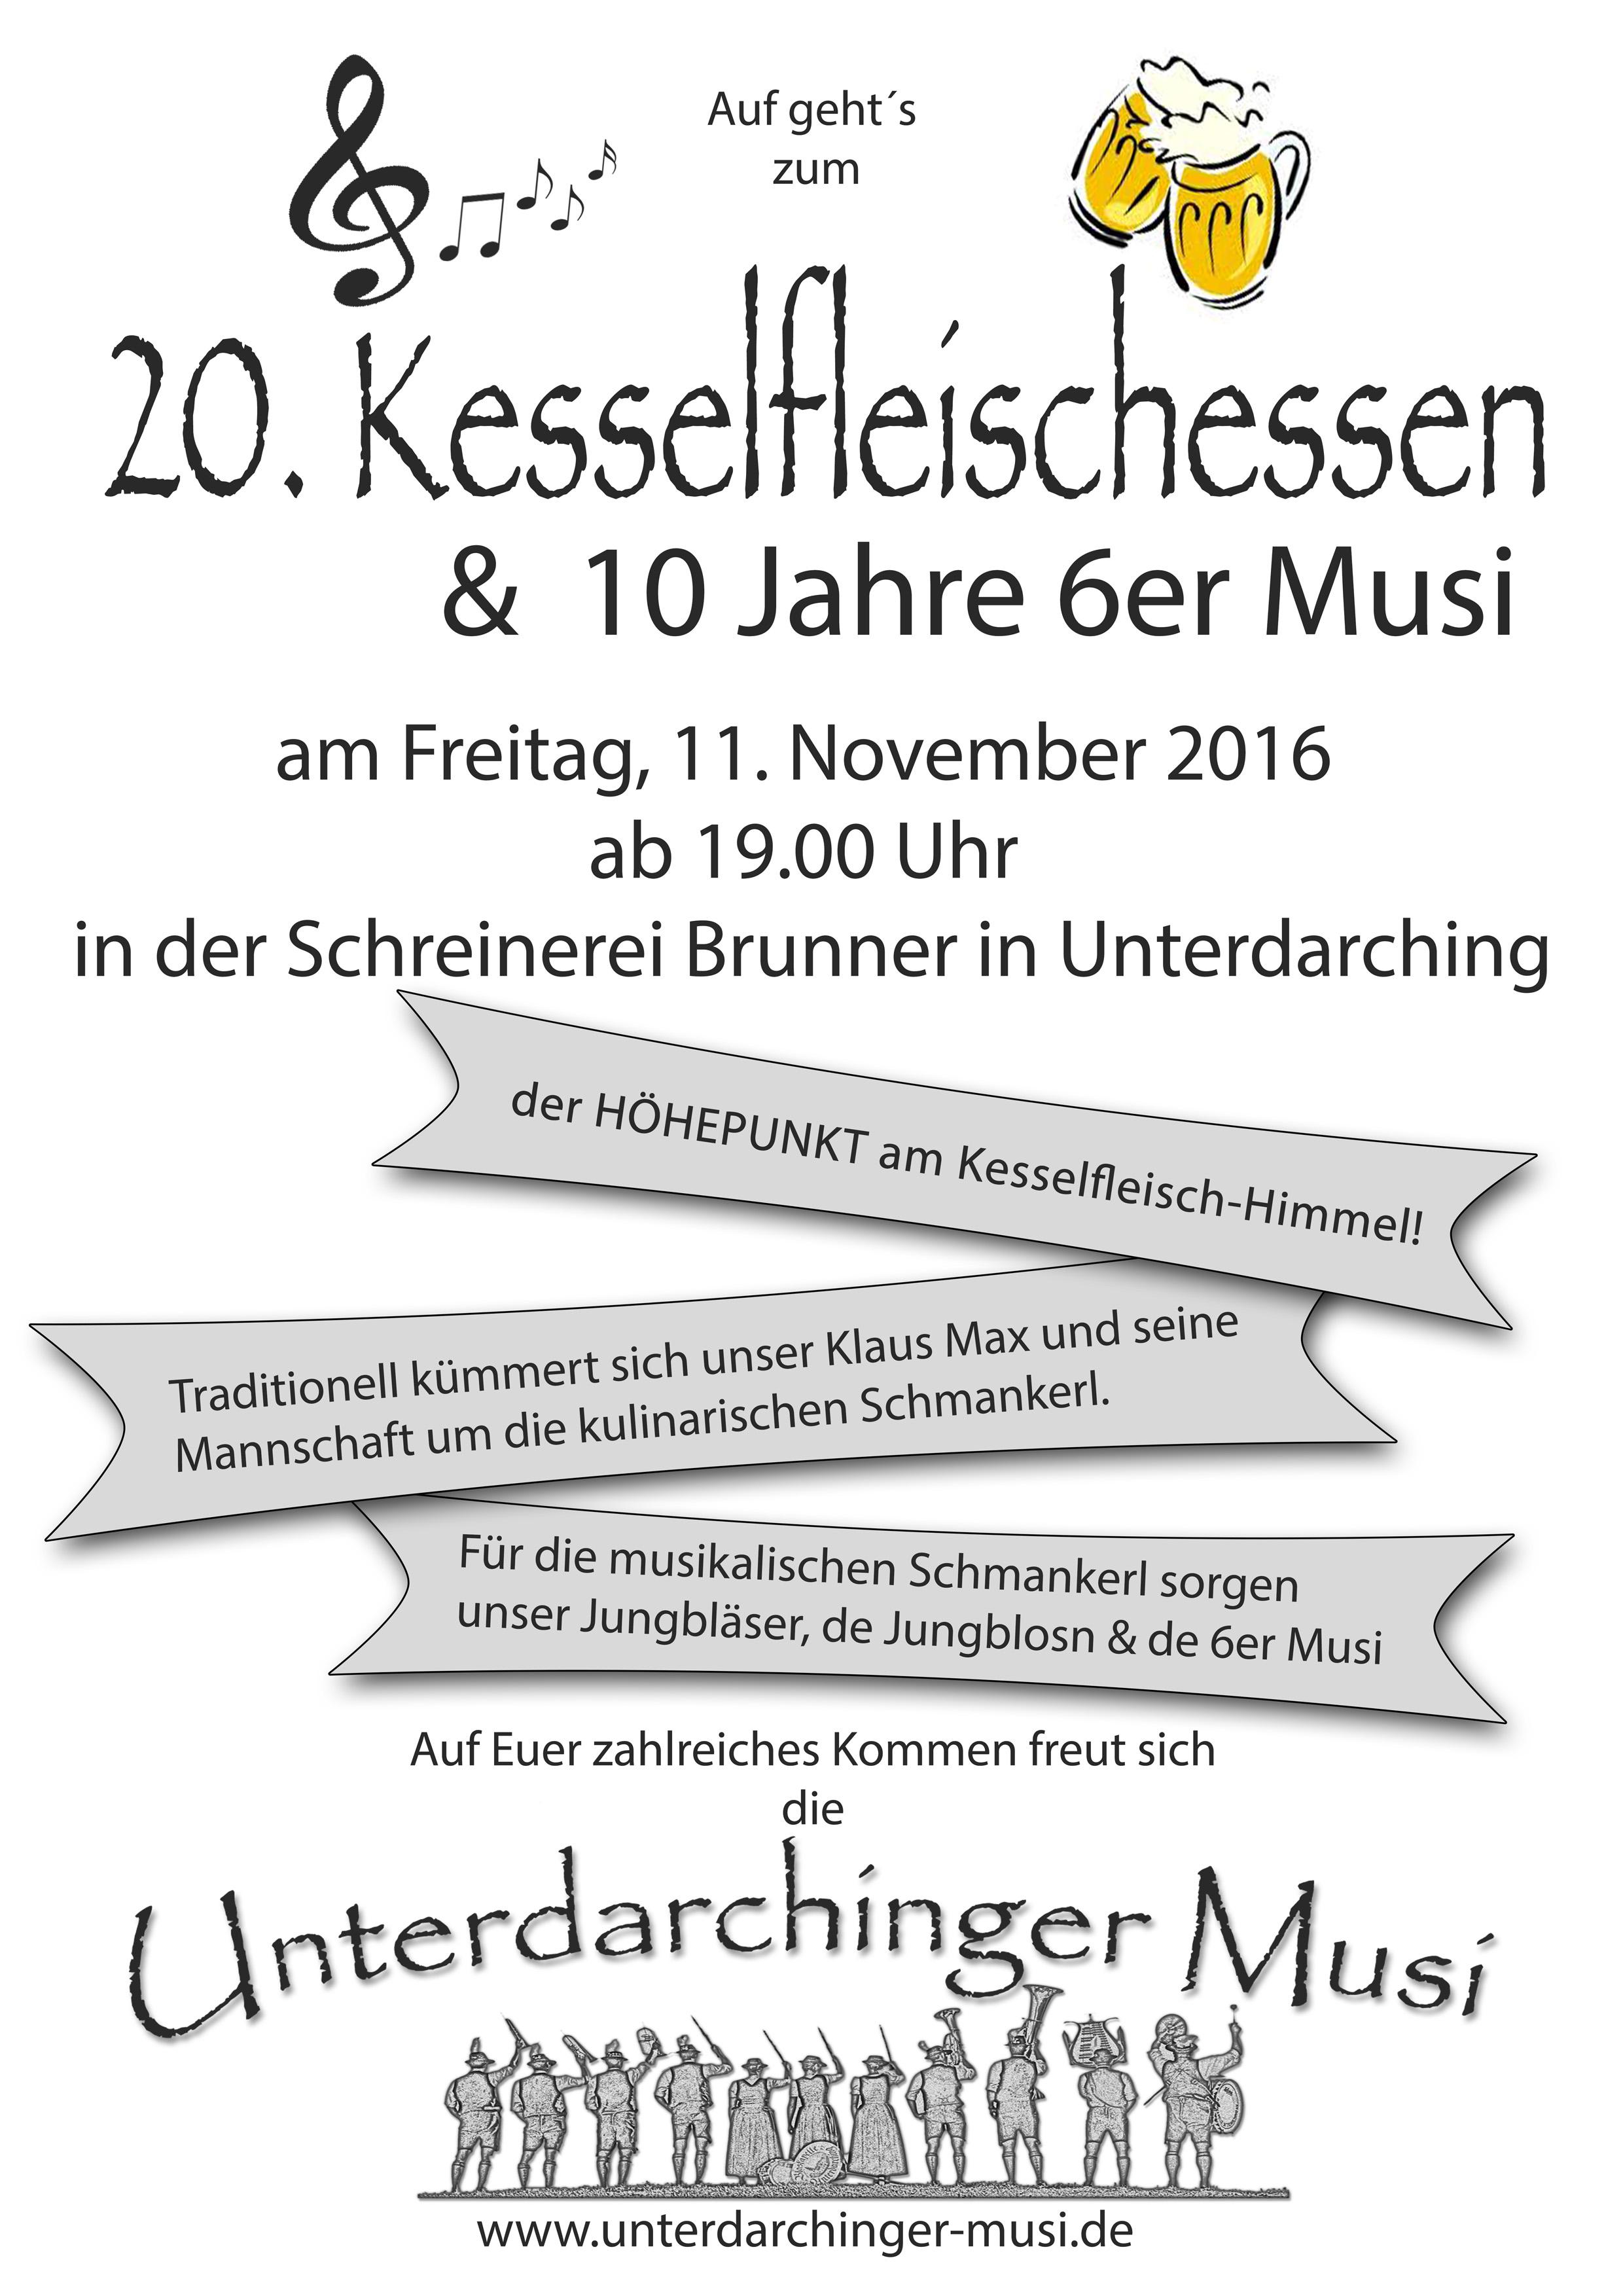 kesselfleischessen_unterdarchinger-musi2016